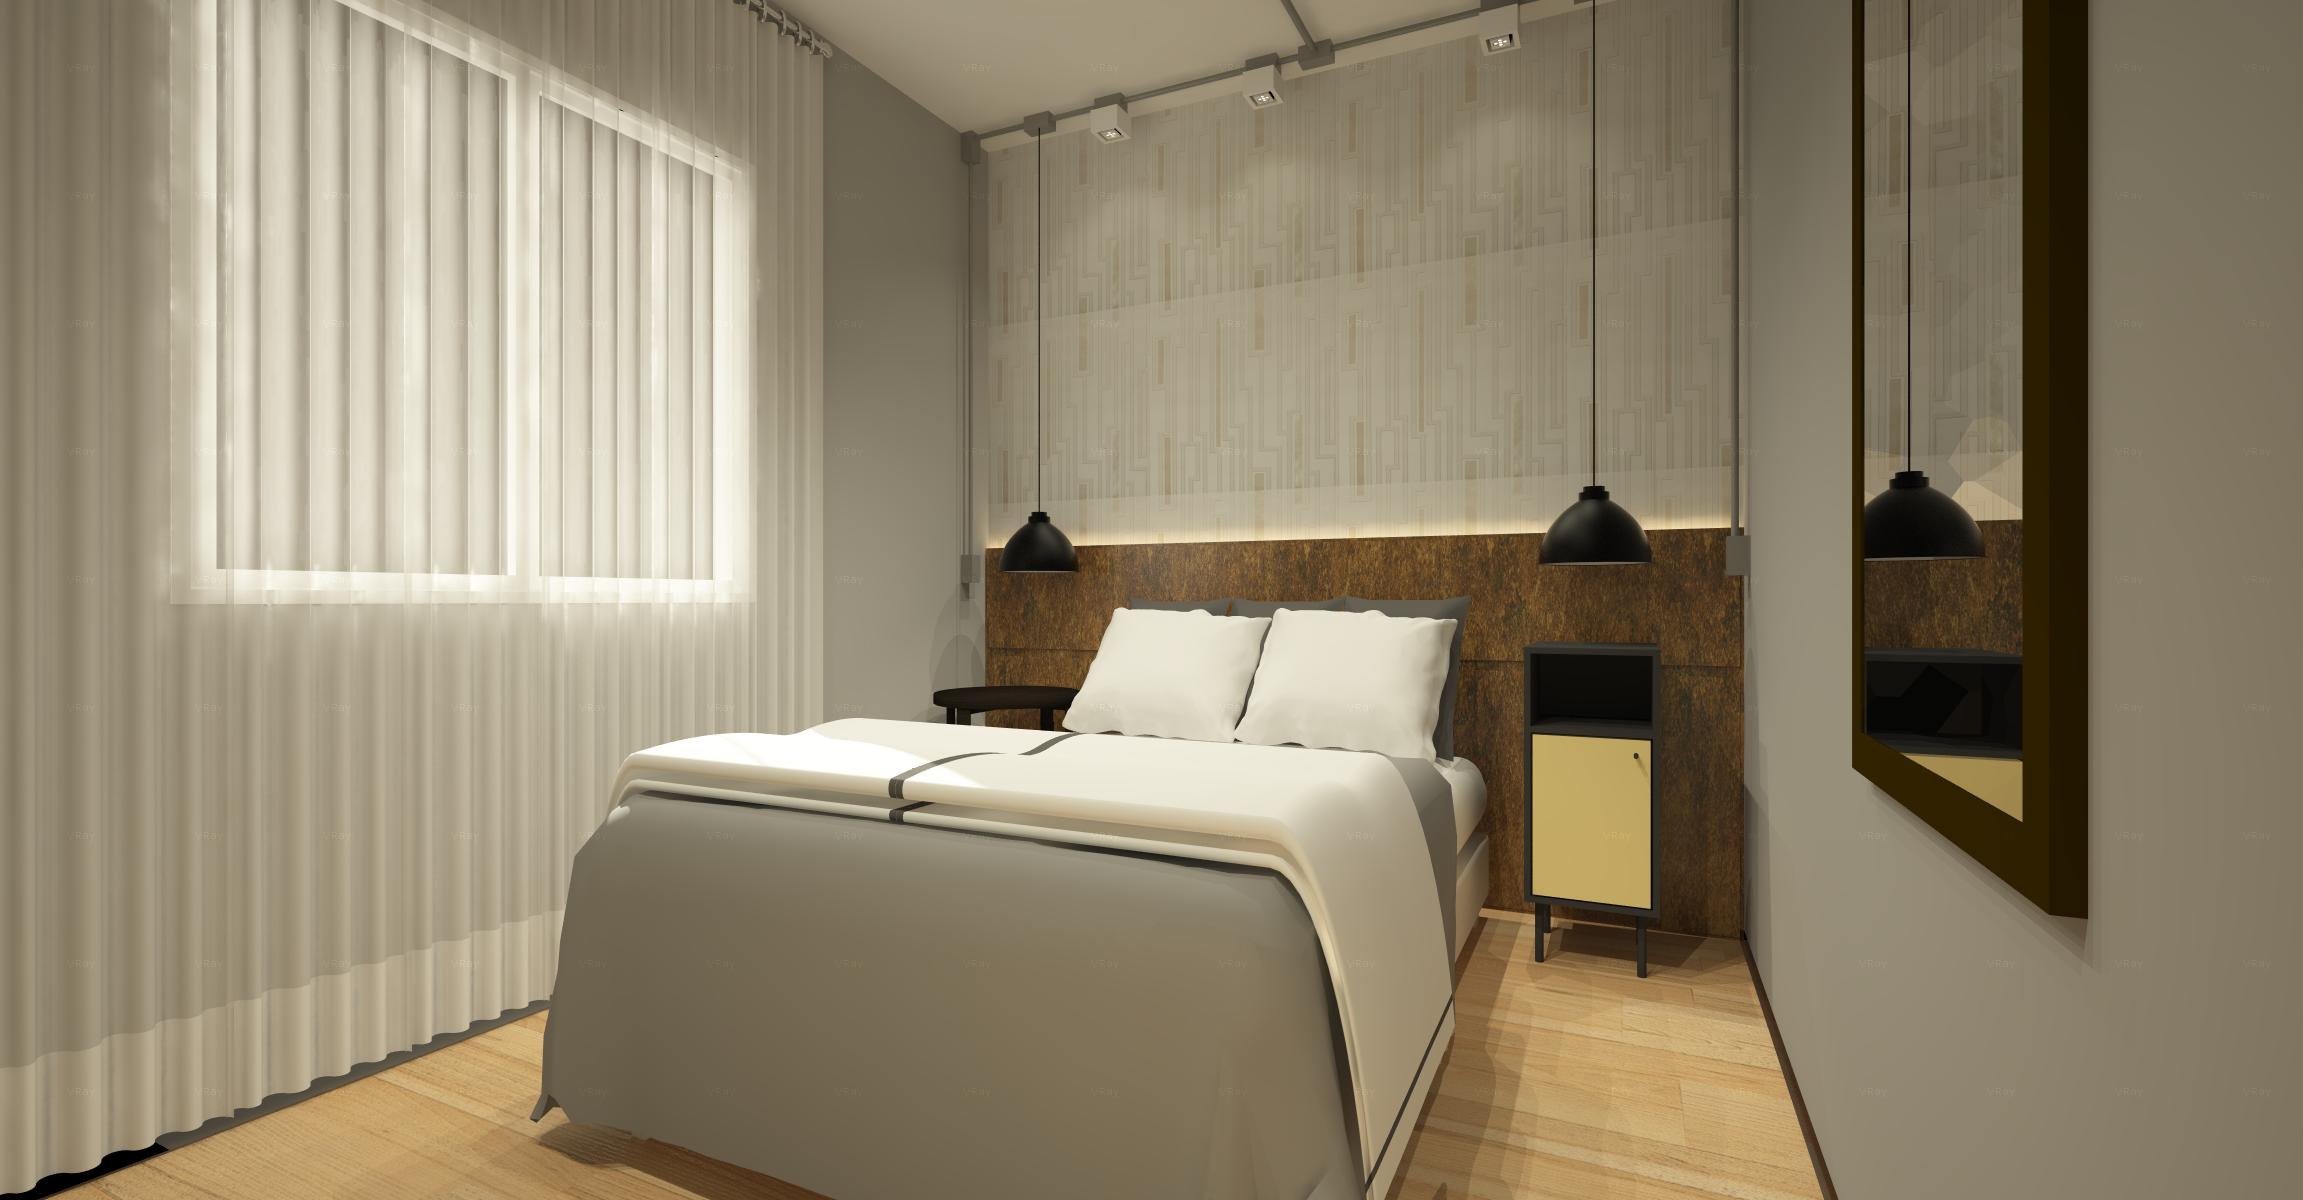 dormitório contemporâneo industrial